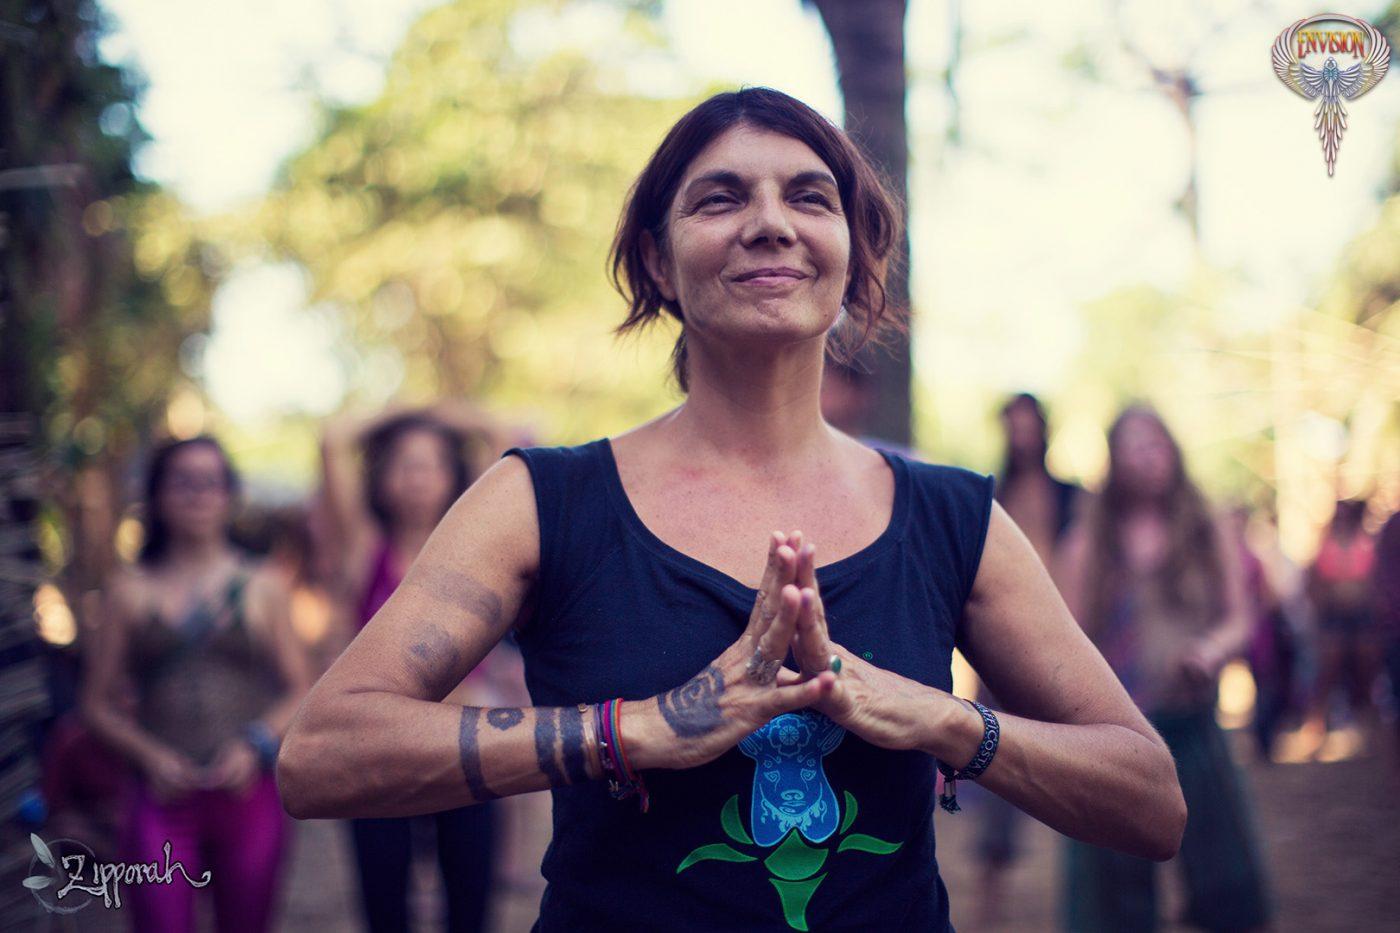 Envision Festival, a meditation retreat in Uvita, Costa Rica